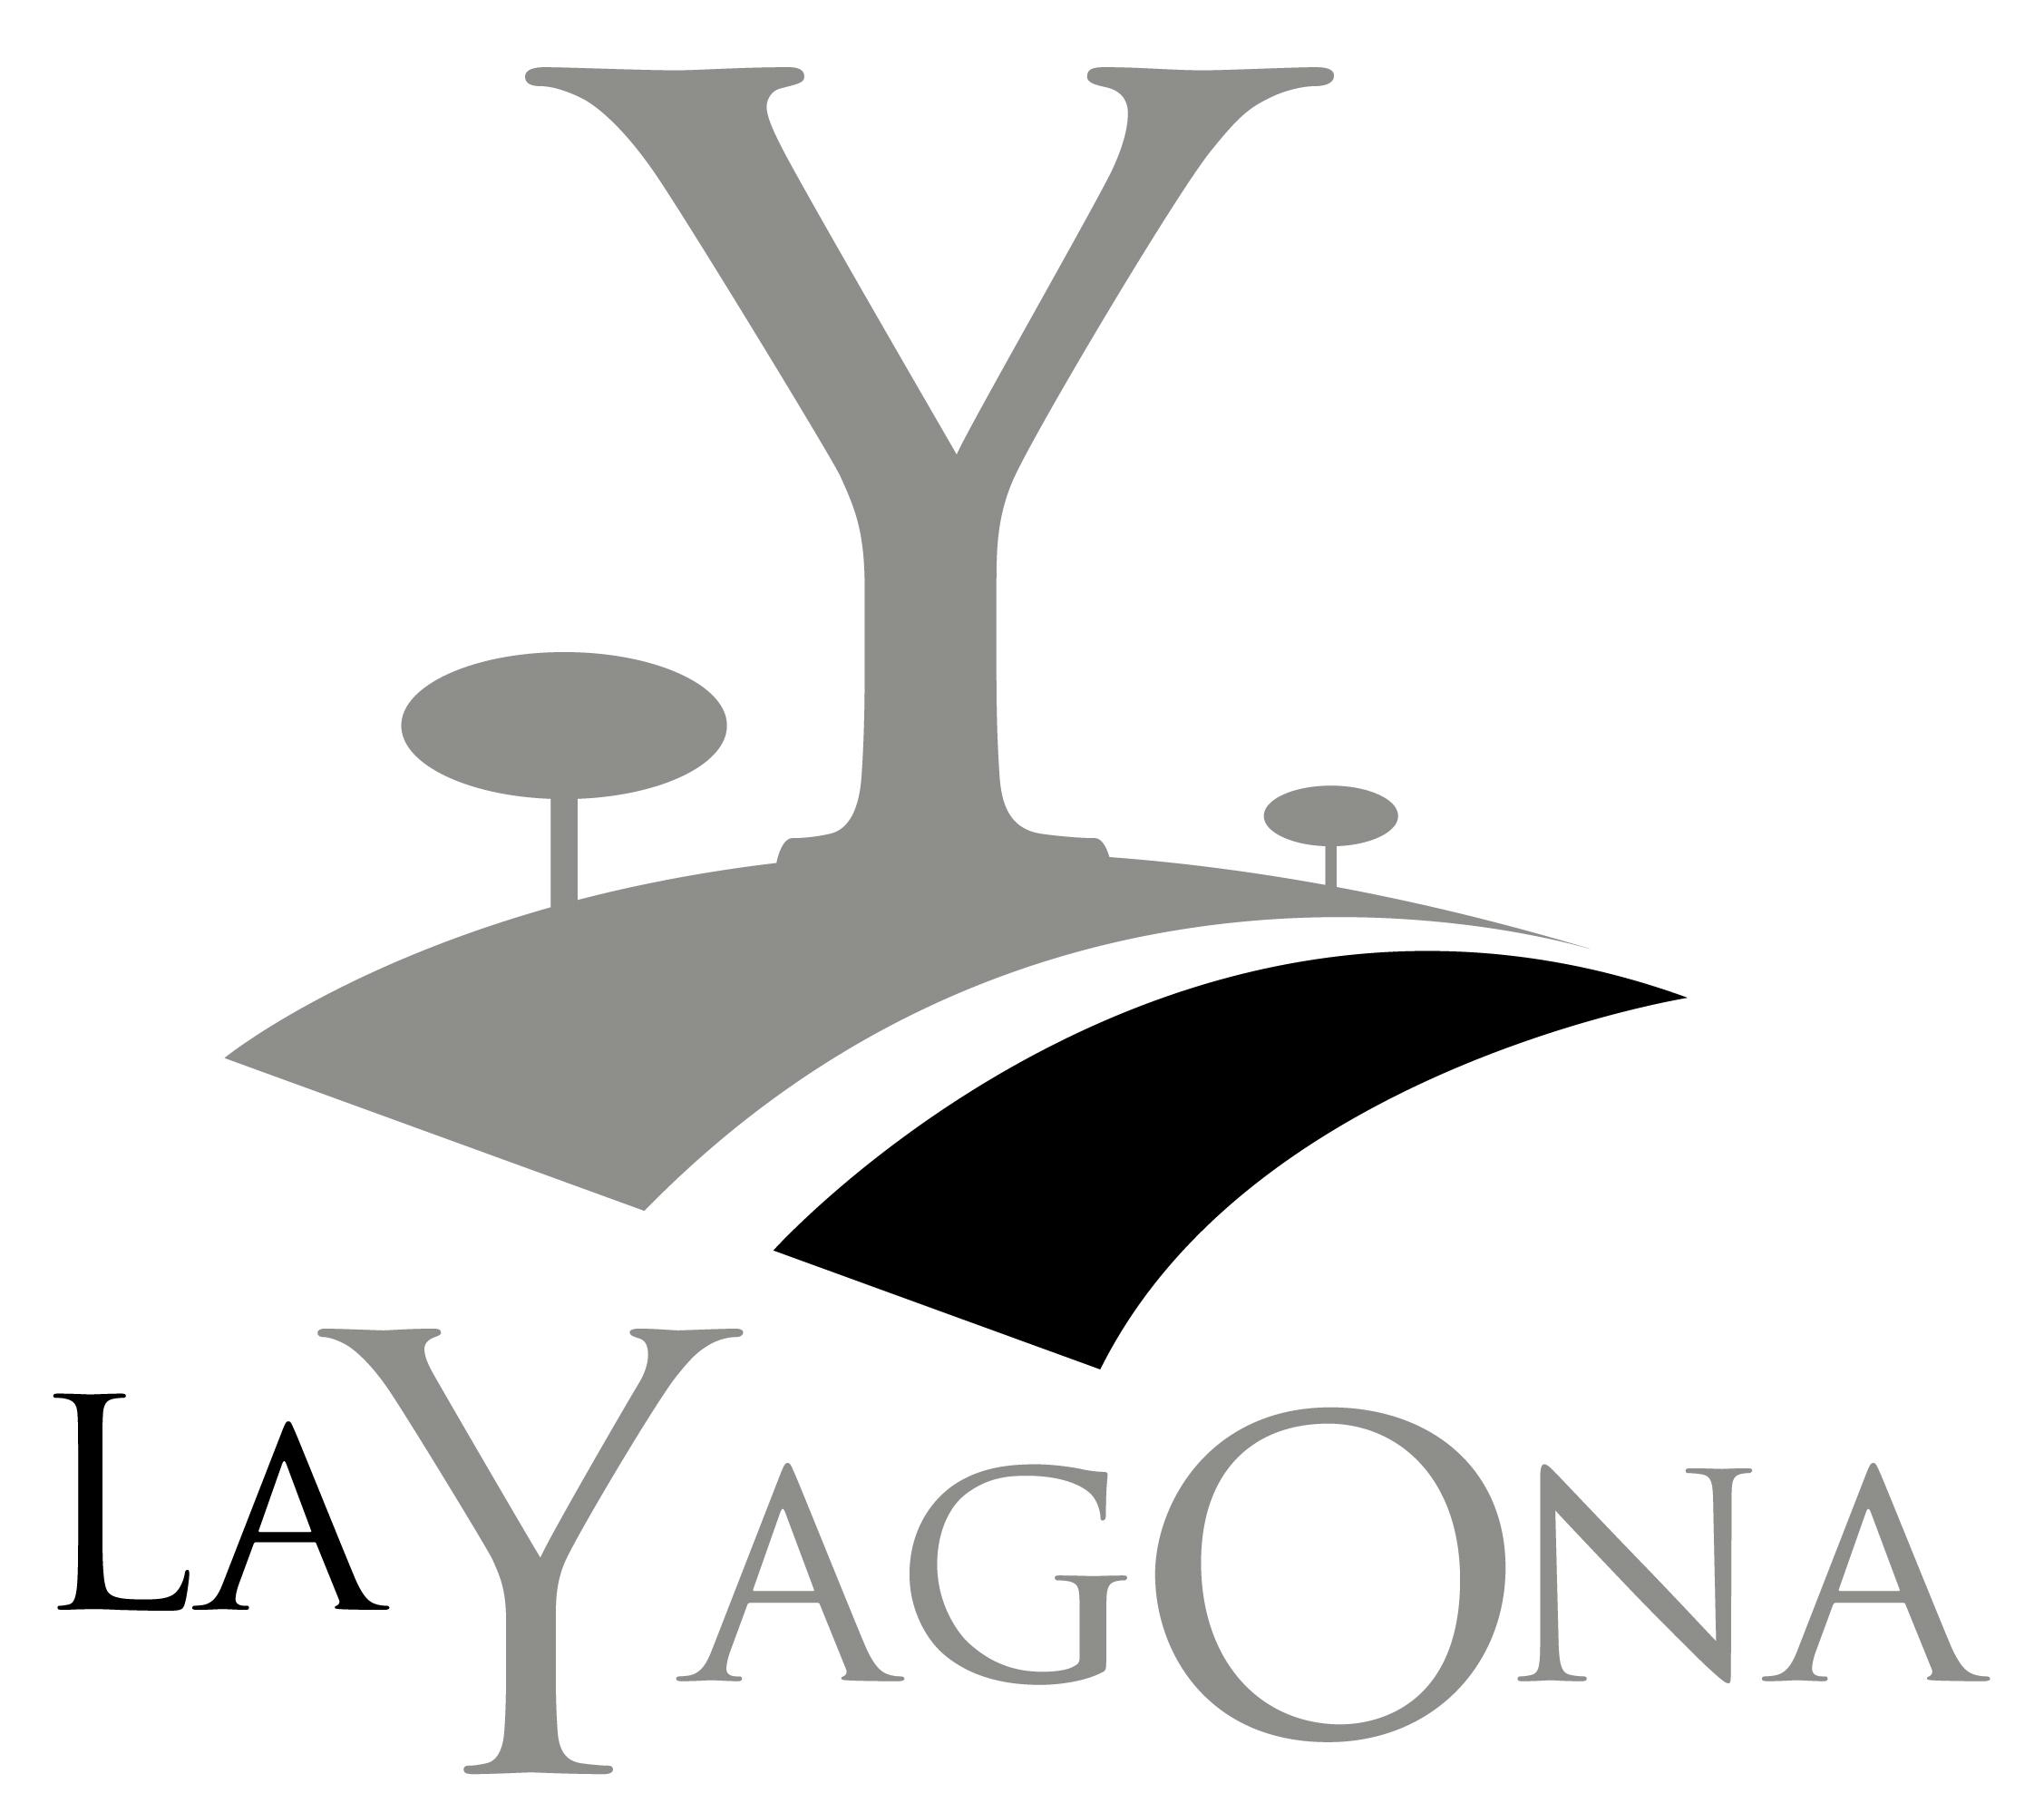 La Yagona